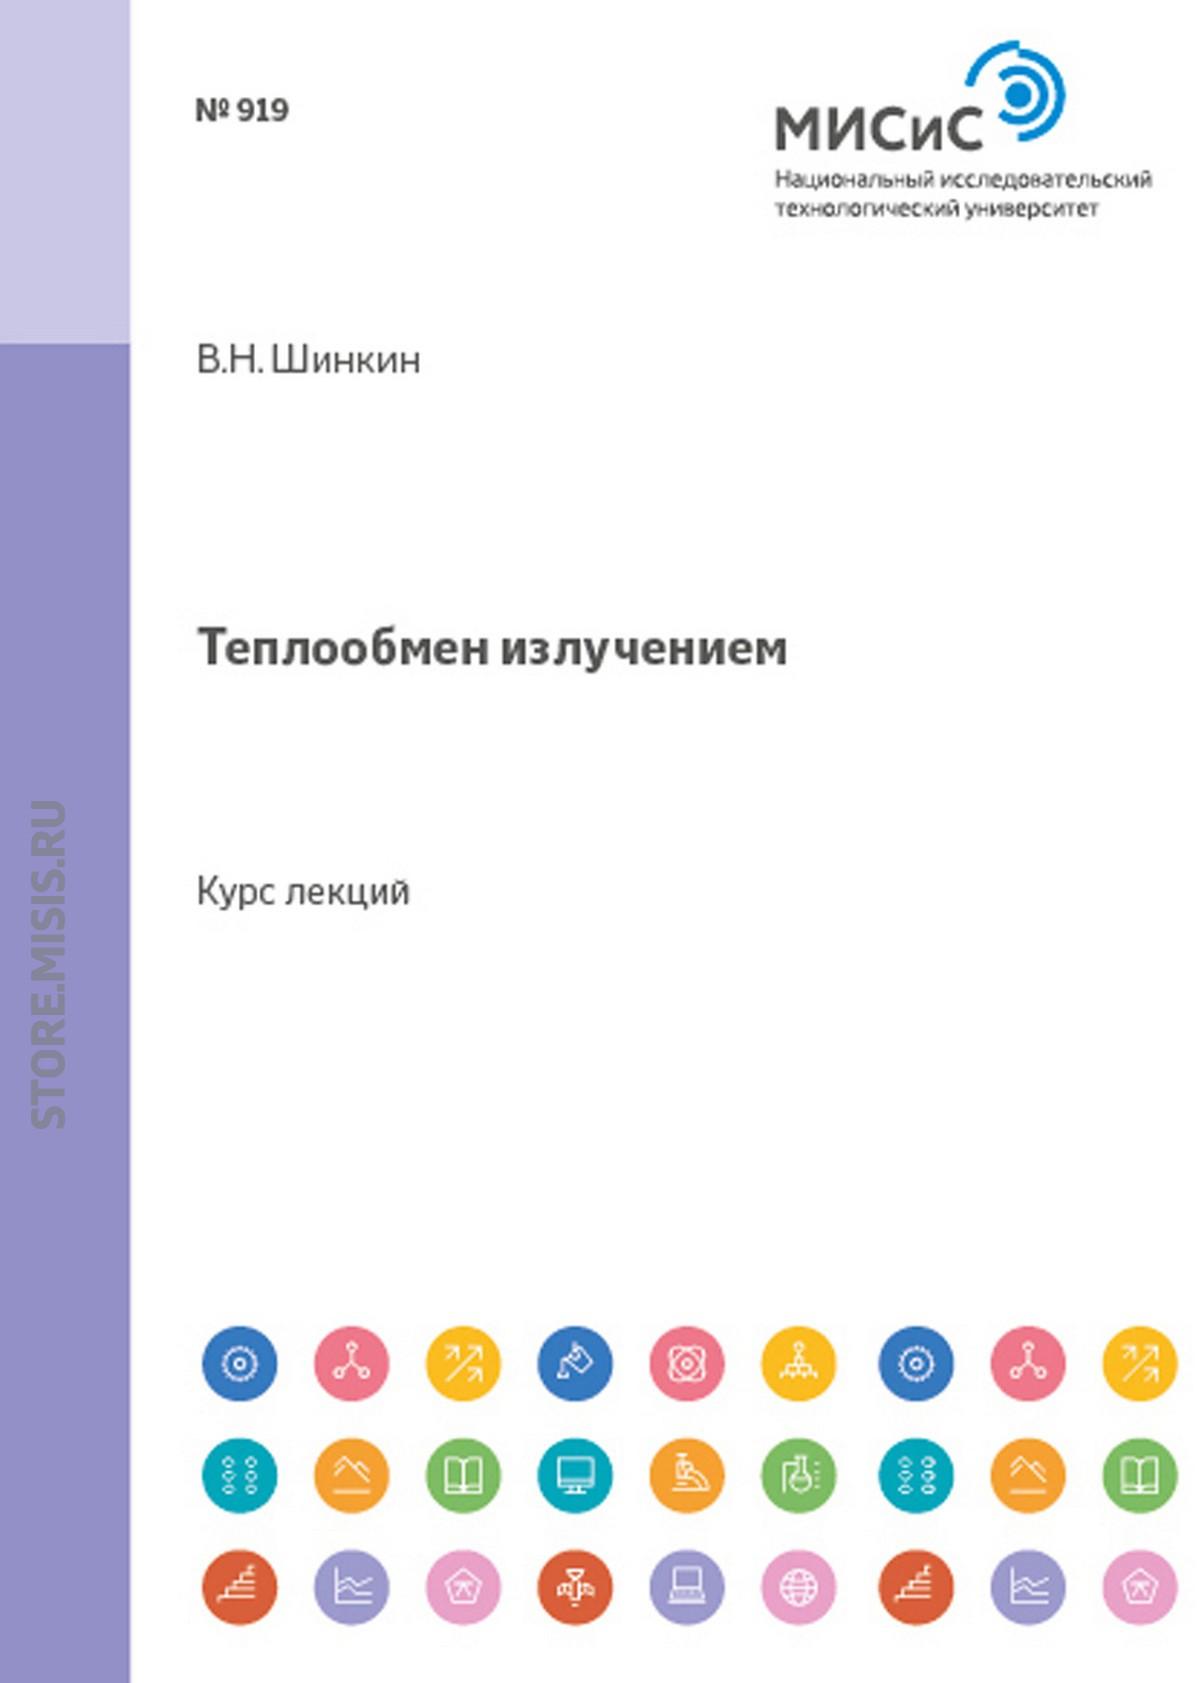 В. Н. Шинкин Теплообмен излучением сергей крупенников теплофизика и теплотехника теплофизика